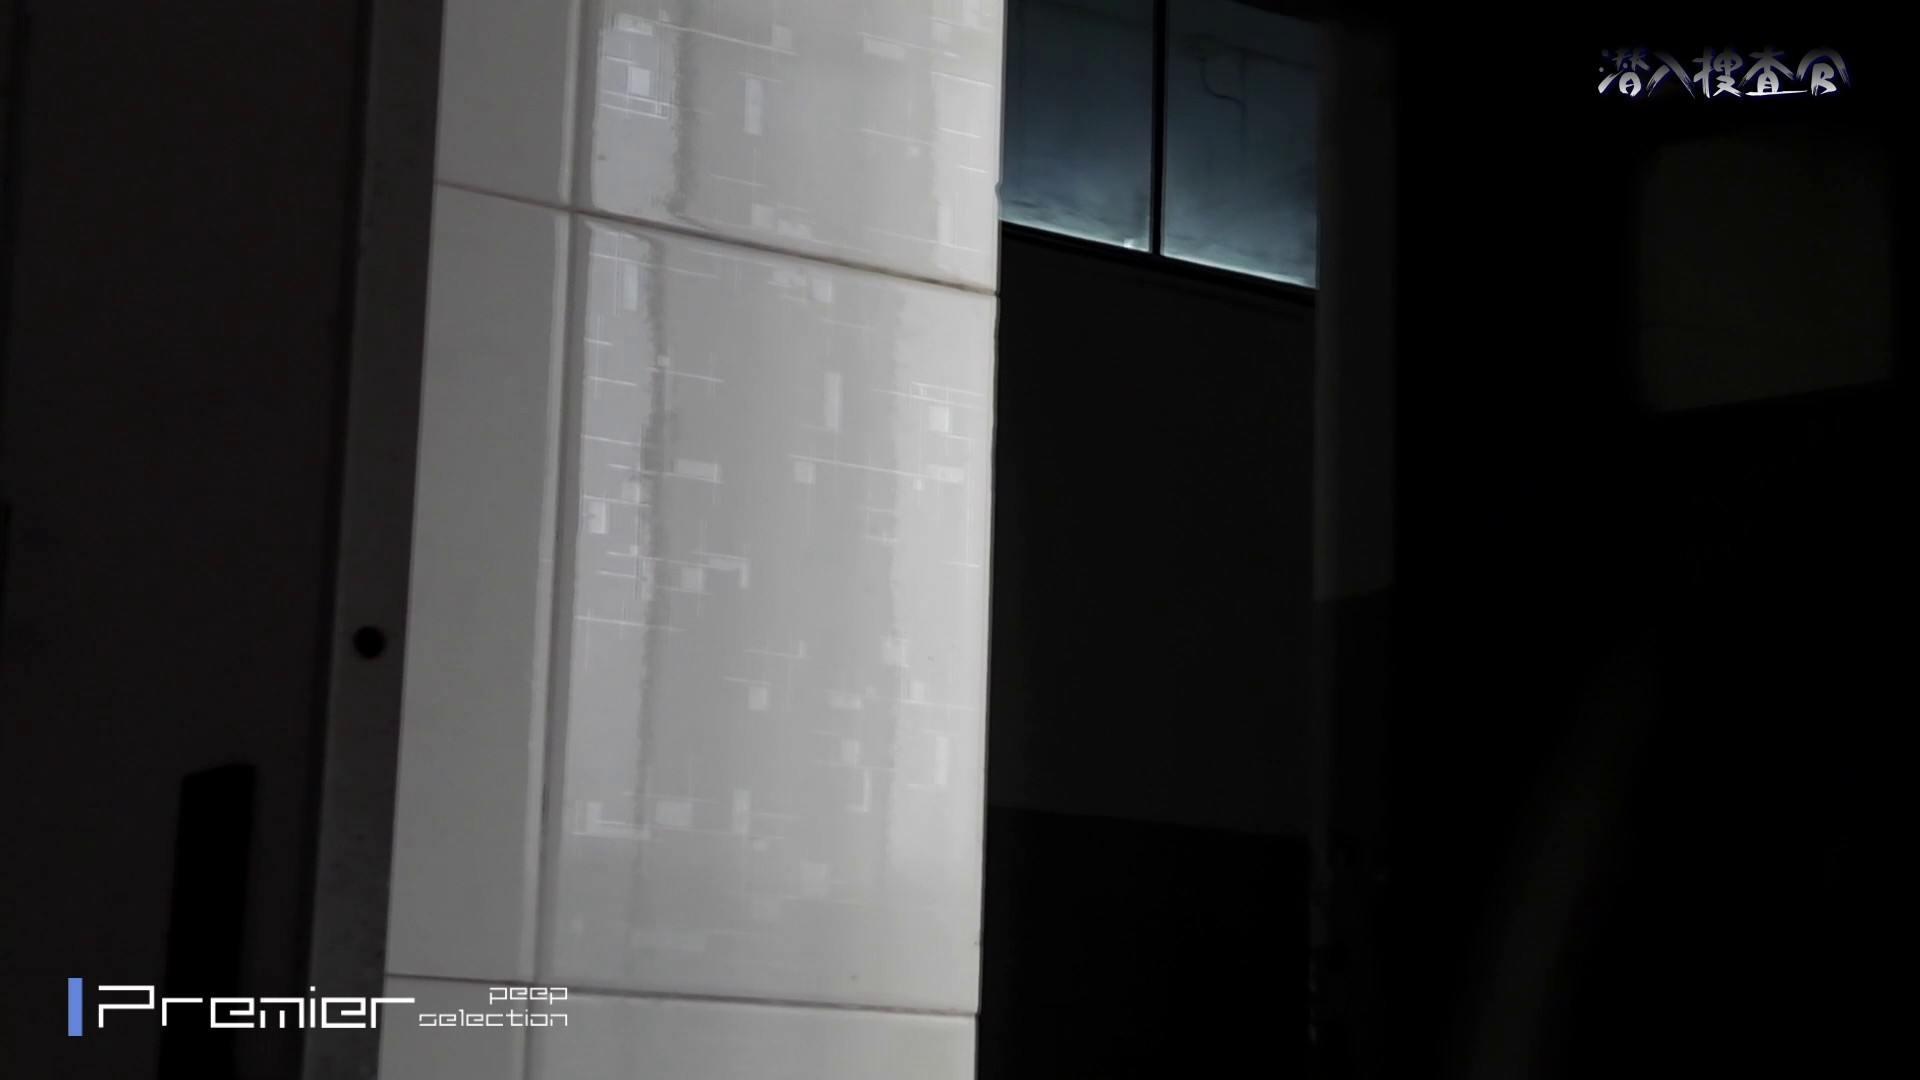 下からノゾム vol.039 やりすぎ、うぶげまで見えてます。 潜入 オマンコ無修正動画無料 111画像 81